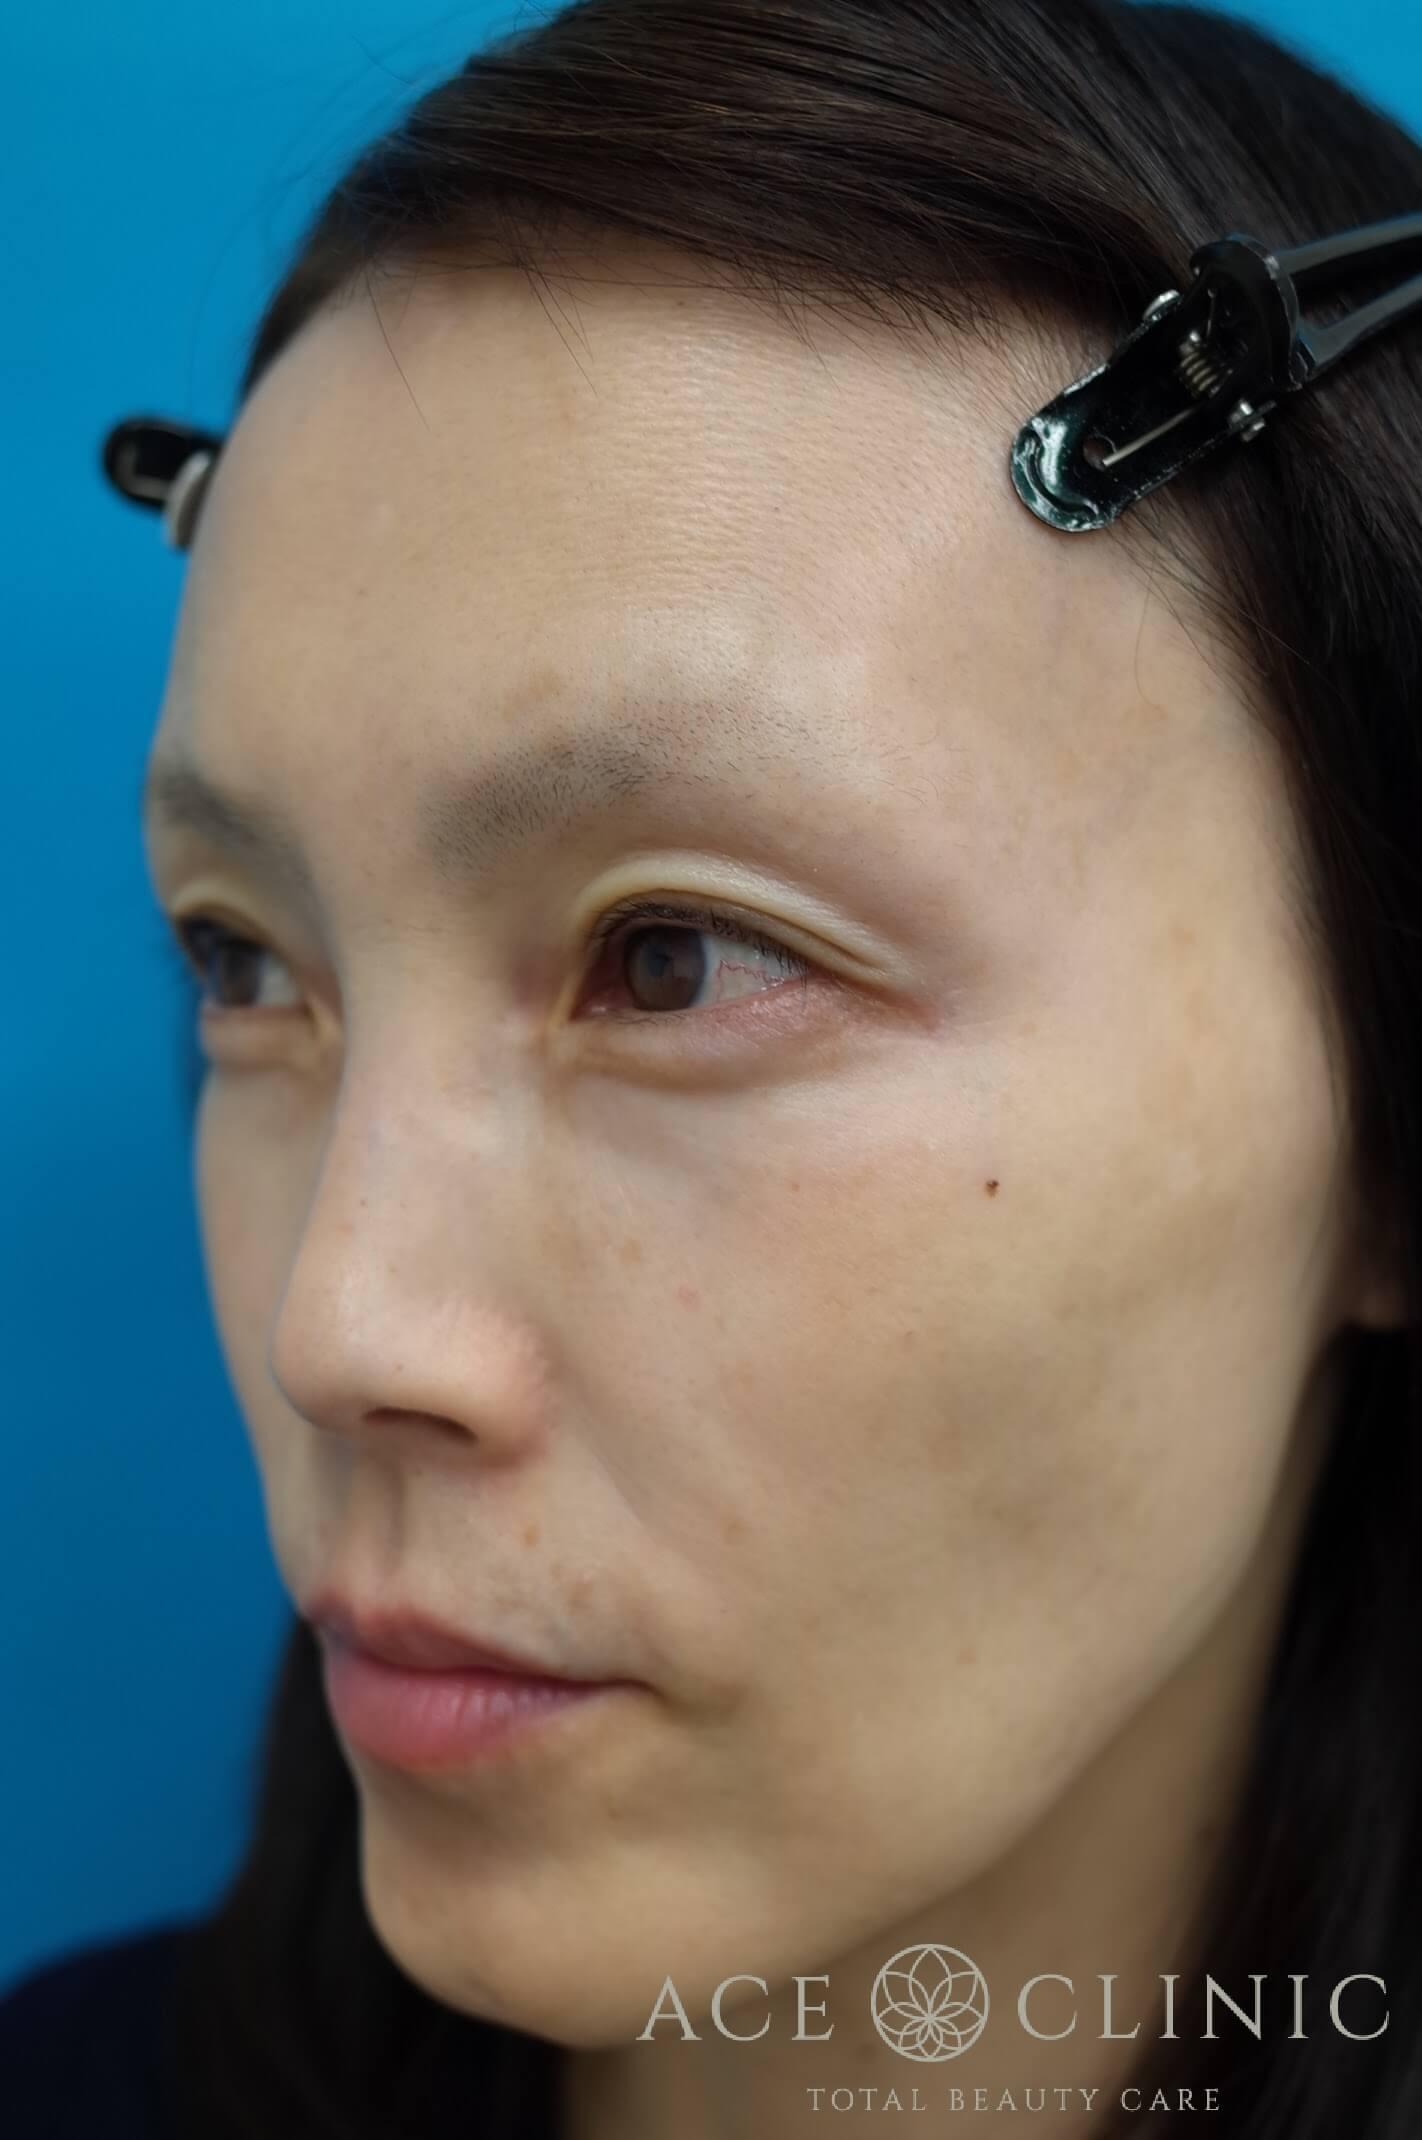 ヒアルロン酸注入(こめかみ・頬) 施術前 左斜め